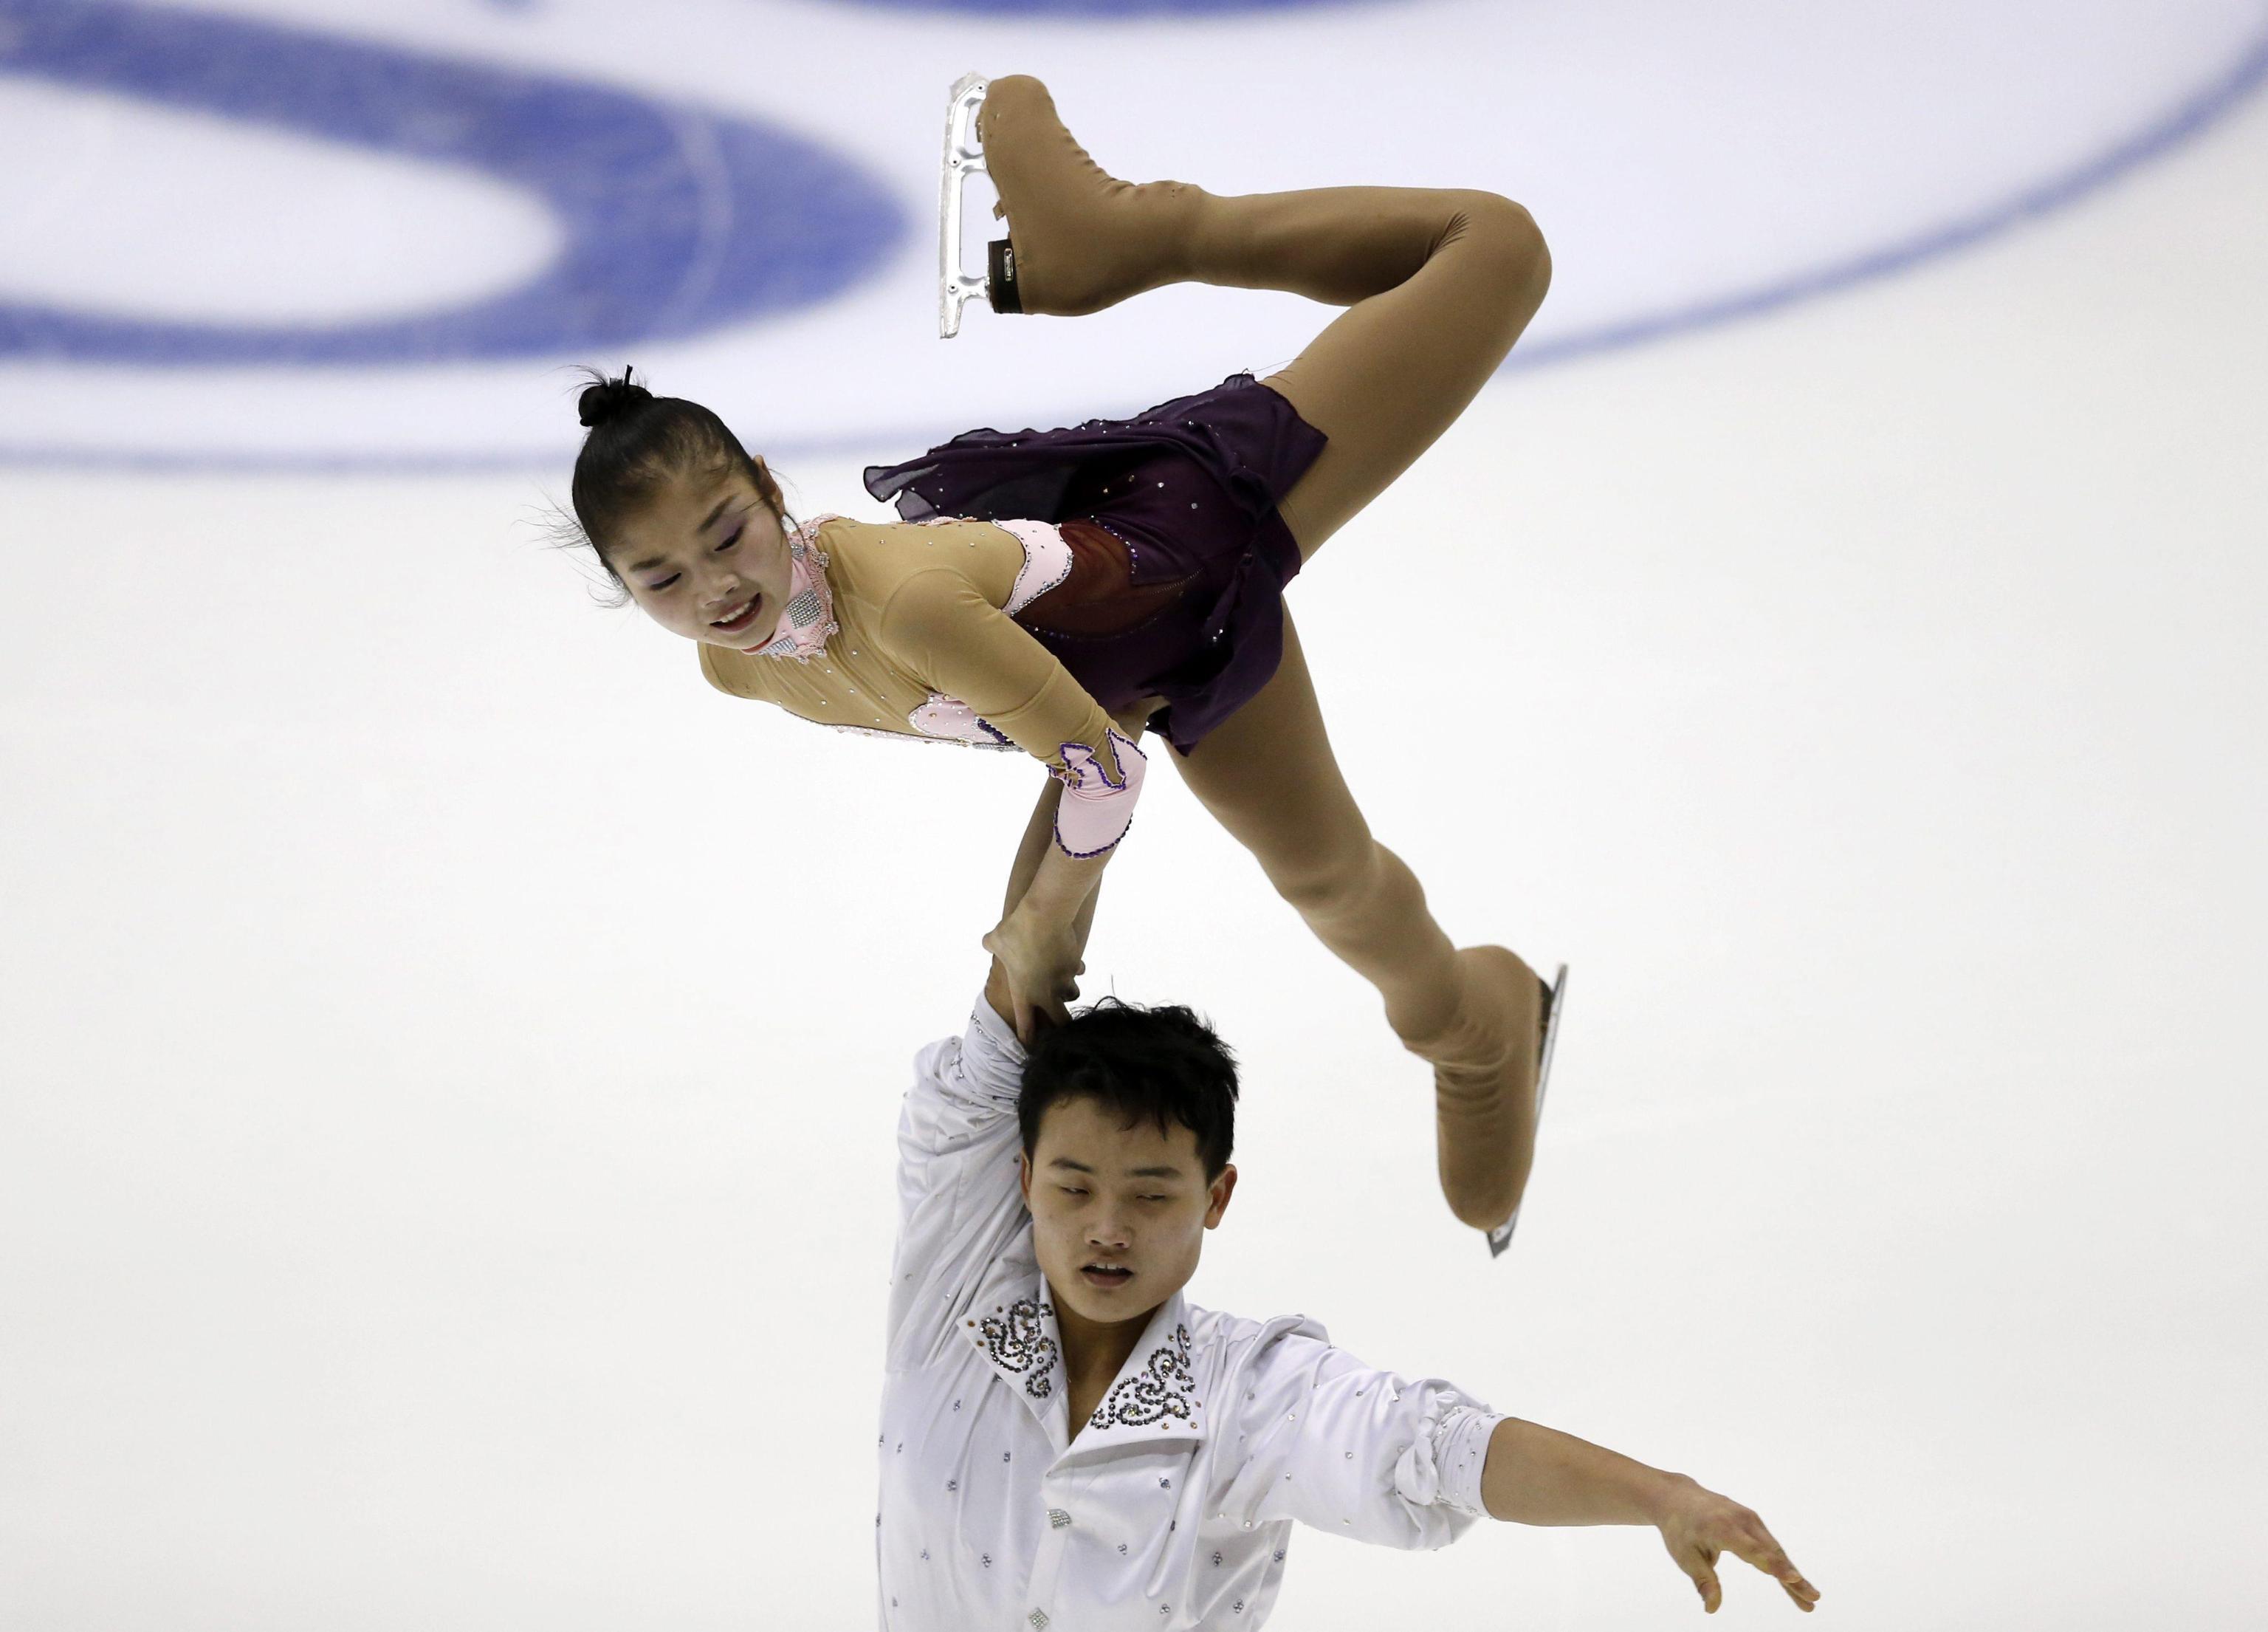 Corea del Nord: i pattinatori qualificati ai Giochi Olimpici di Seul riaccendono la speranza di una tregua